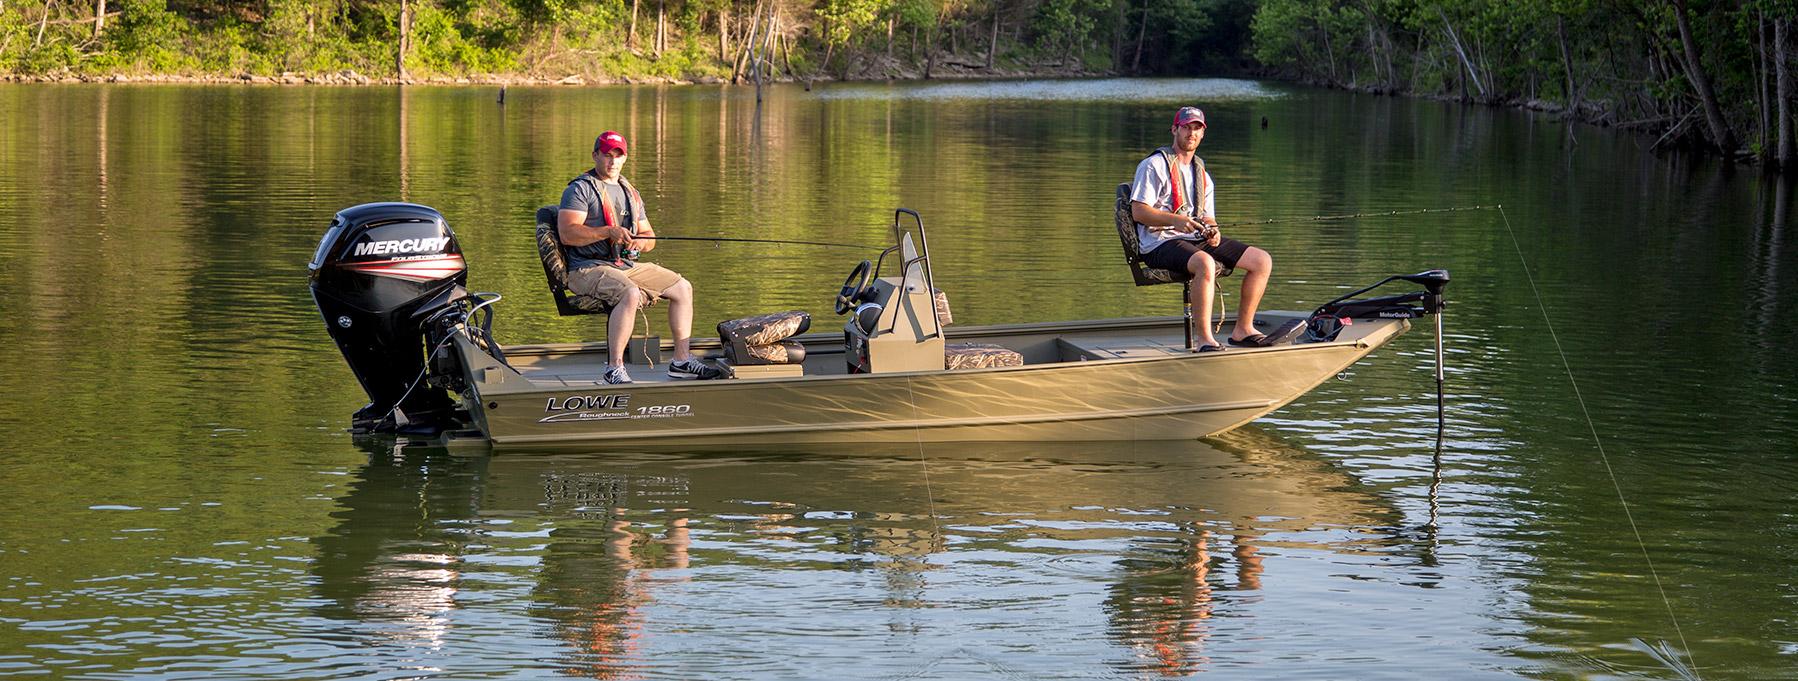 Aluminum river jet boats quotes - Aluminum River Jet Boats Quotes 27